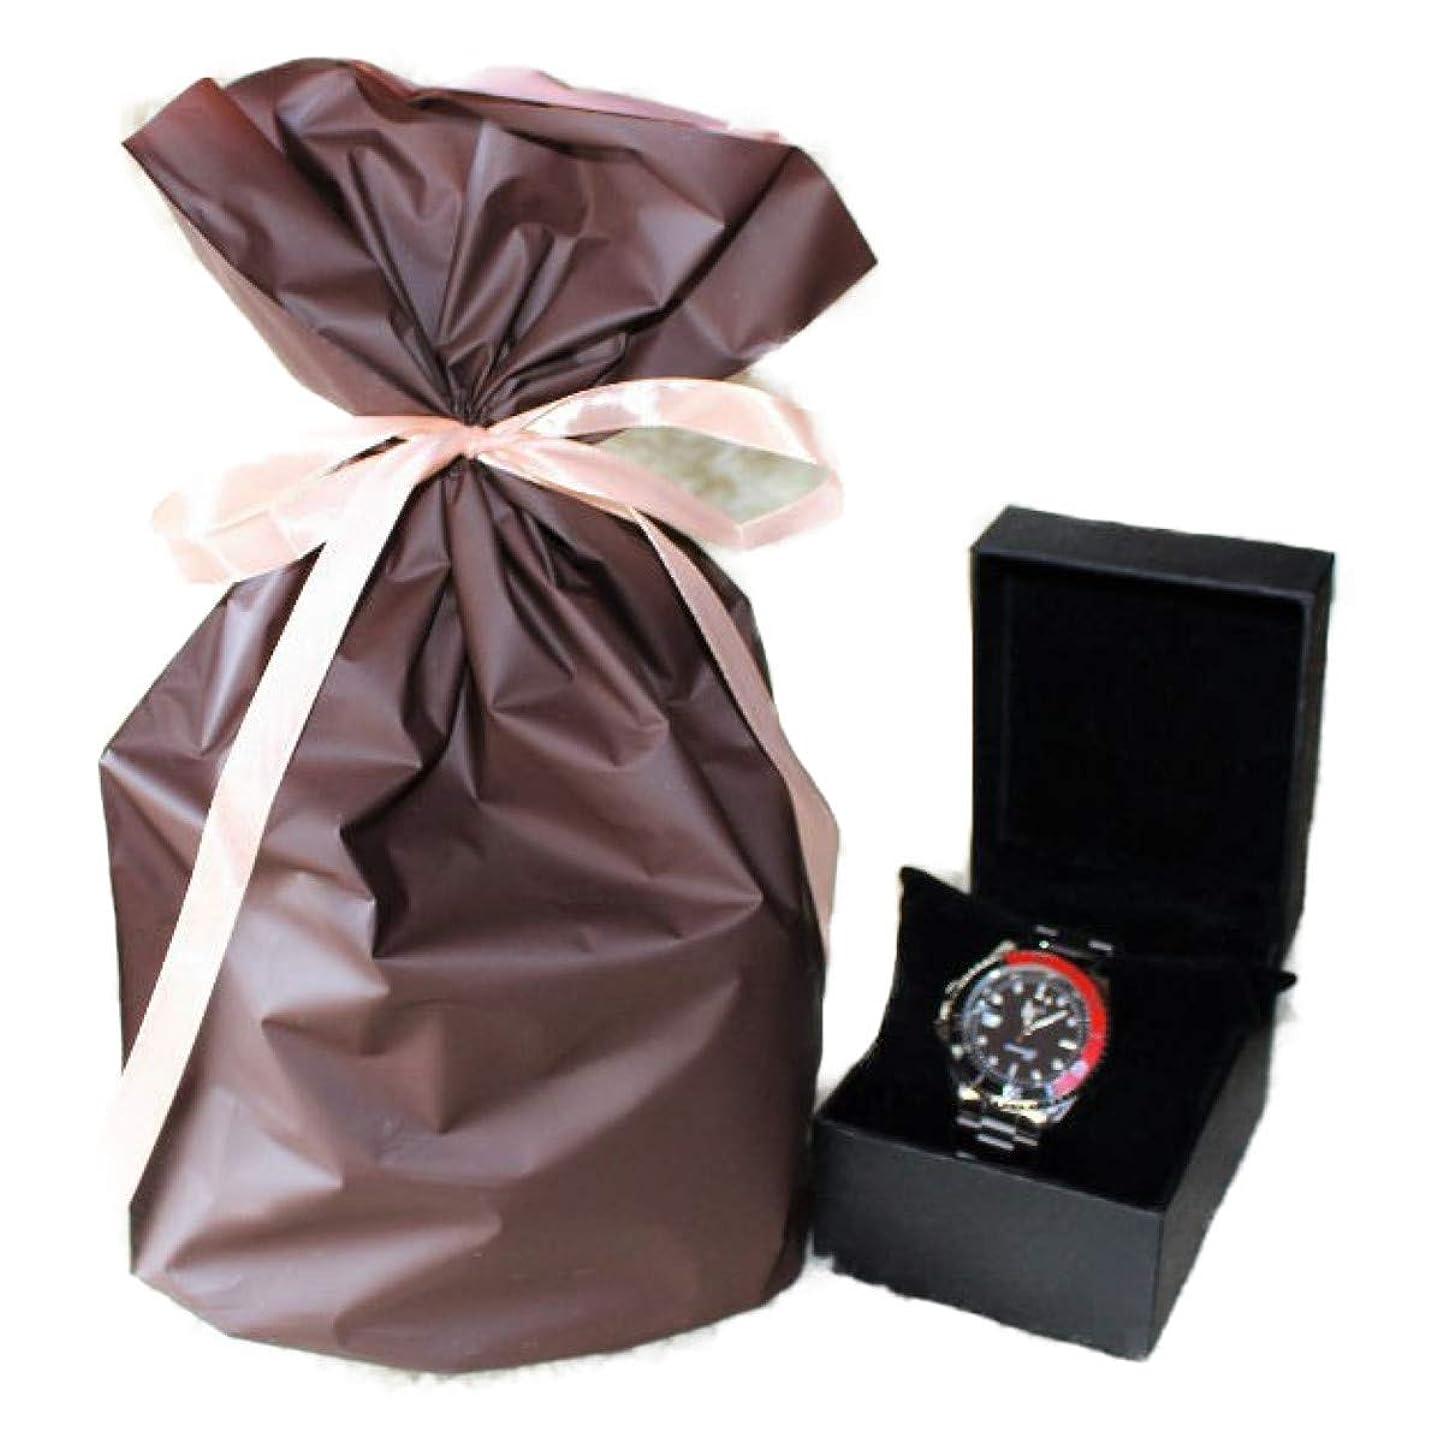 グリル傭兵壁紙【EZZE】腕時計用 ギフト ラッピングセット【大】 袋 ボックス 保存箱 プレゼント 祝 クリスマス 誕生日 贈り物